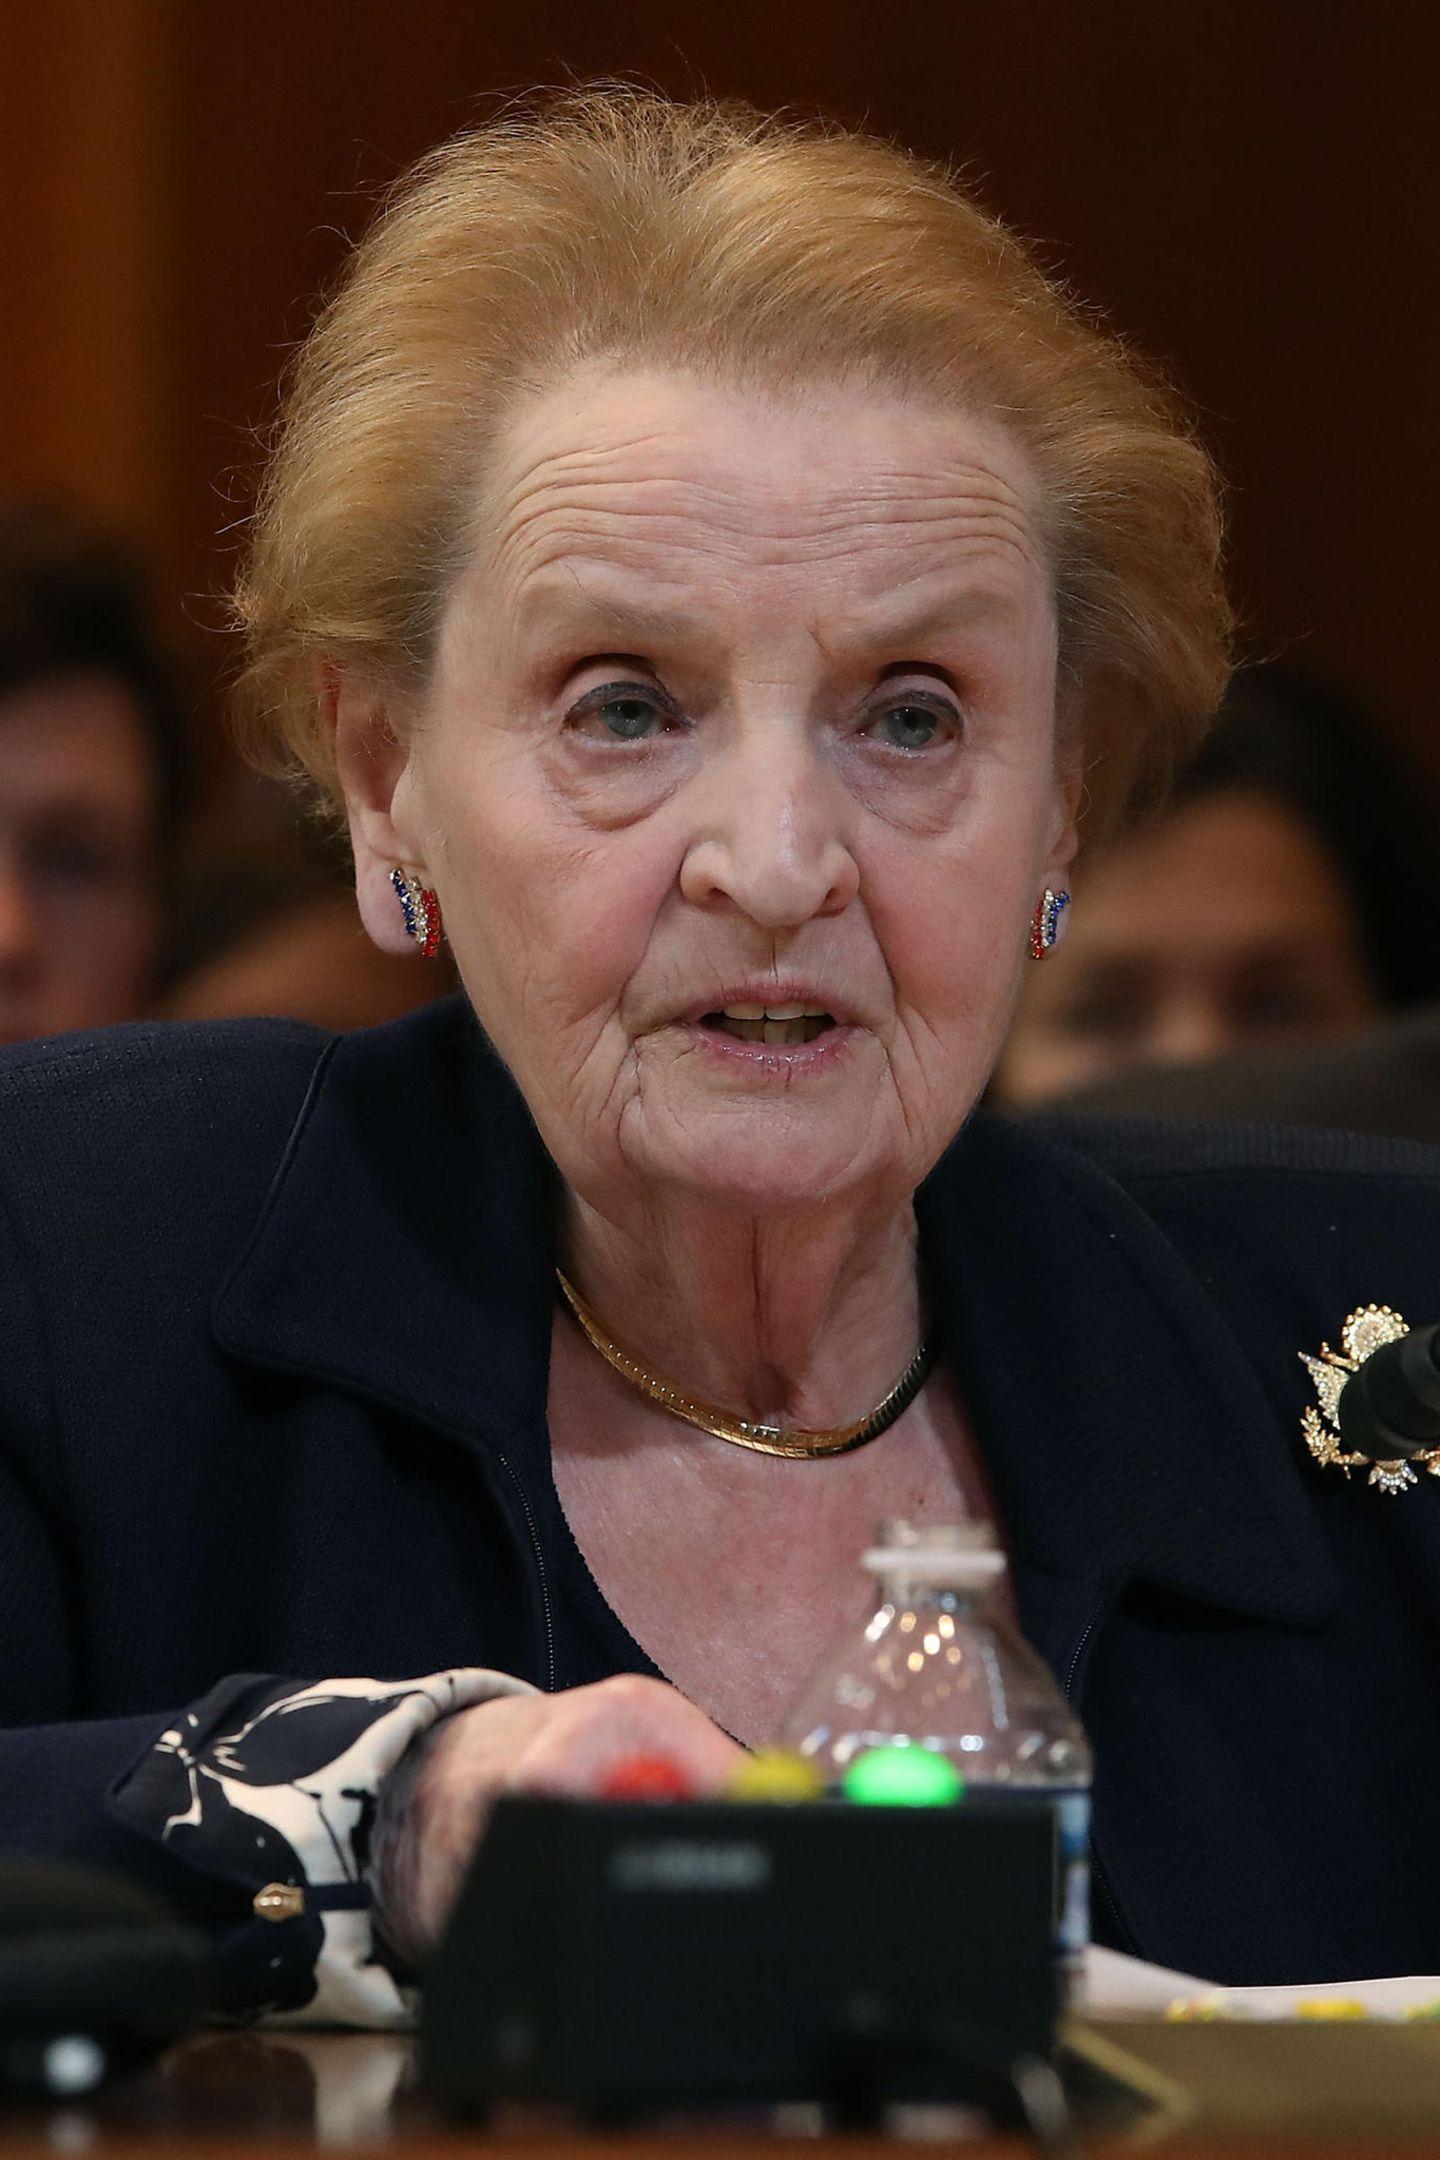 """Madeleine Albright, ehemalige US-Außenministerin  Albright war die erste weibliche Außenministerin der USA, US-Botschafterin der Vereinten Nationen, Autorin und Mutter zugleich. Dass """"sie alles mit gewisser Raffinesse jongliert bekam"""" begeisterte Meghan."""